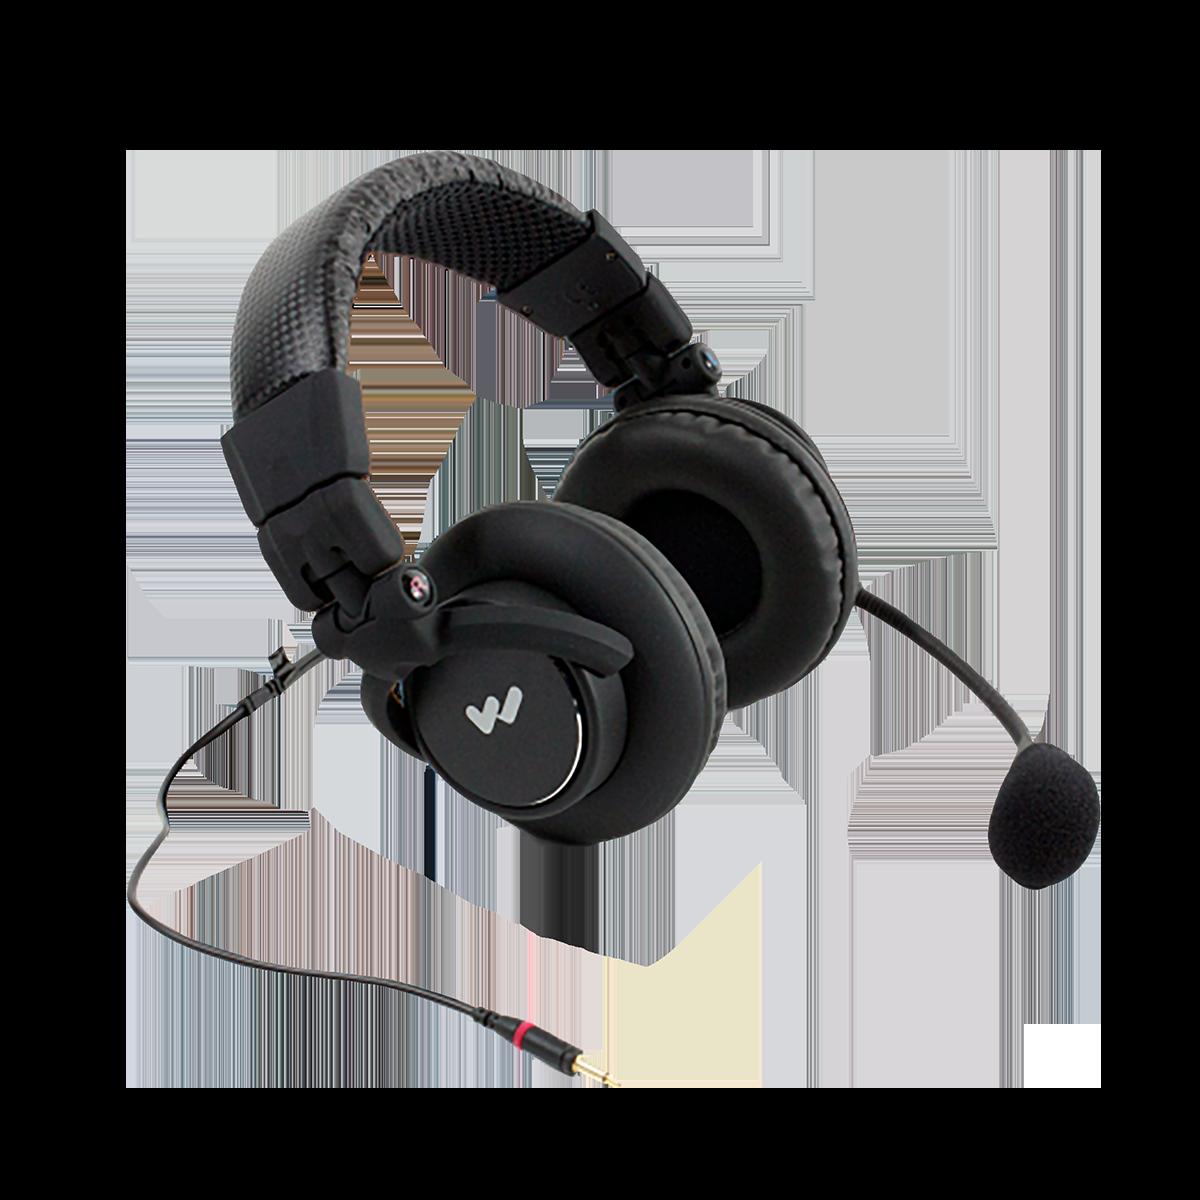 W-MIC 158 Dual-muff headset mic